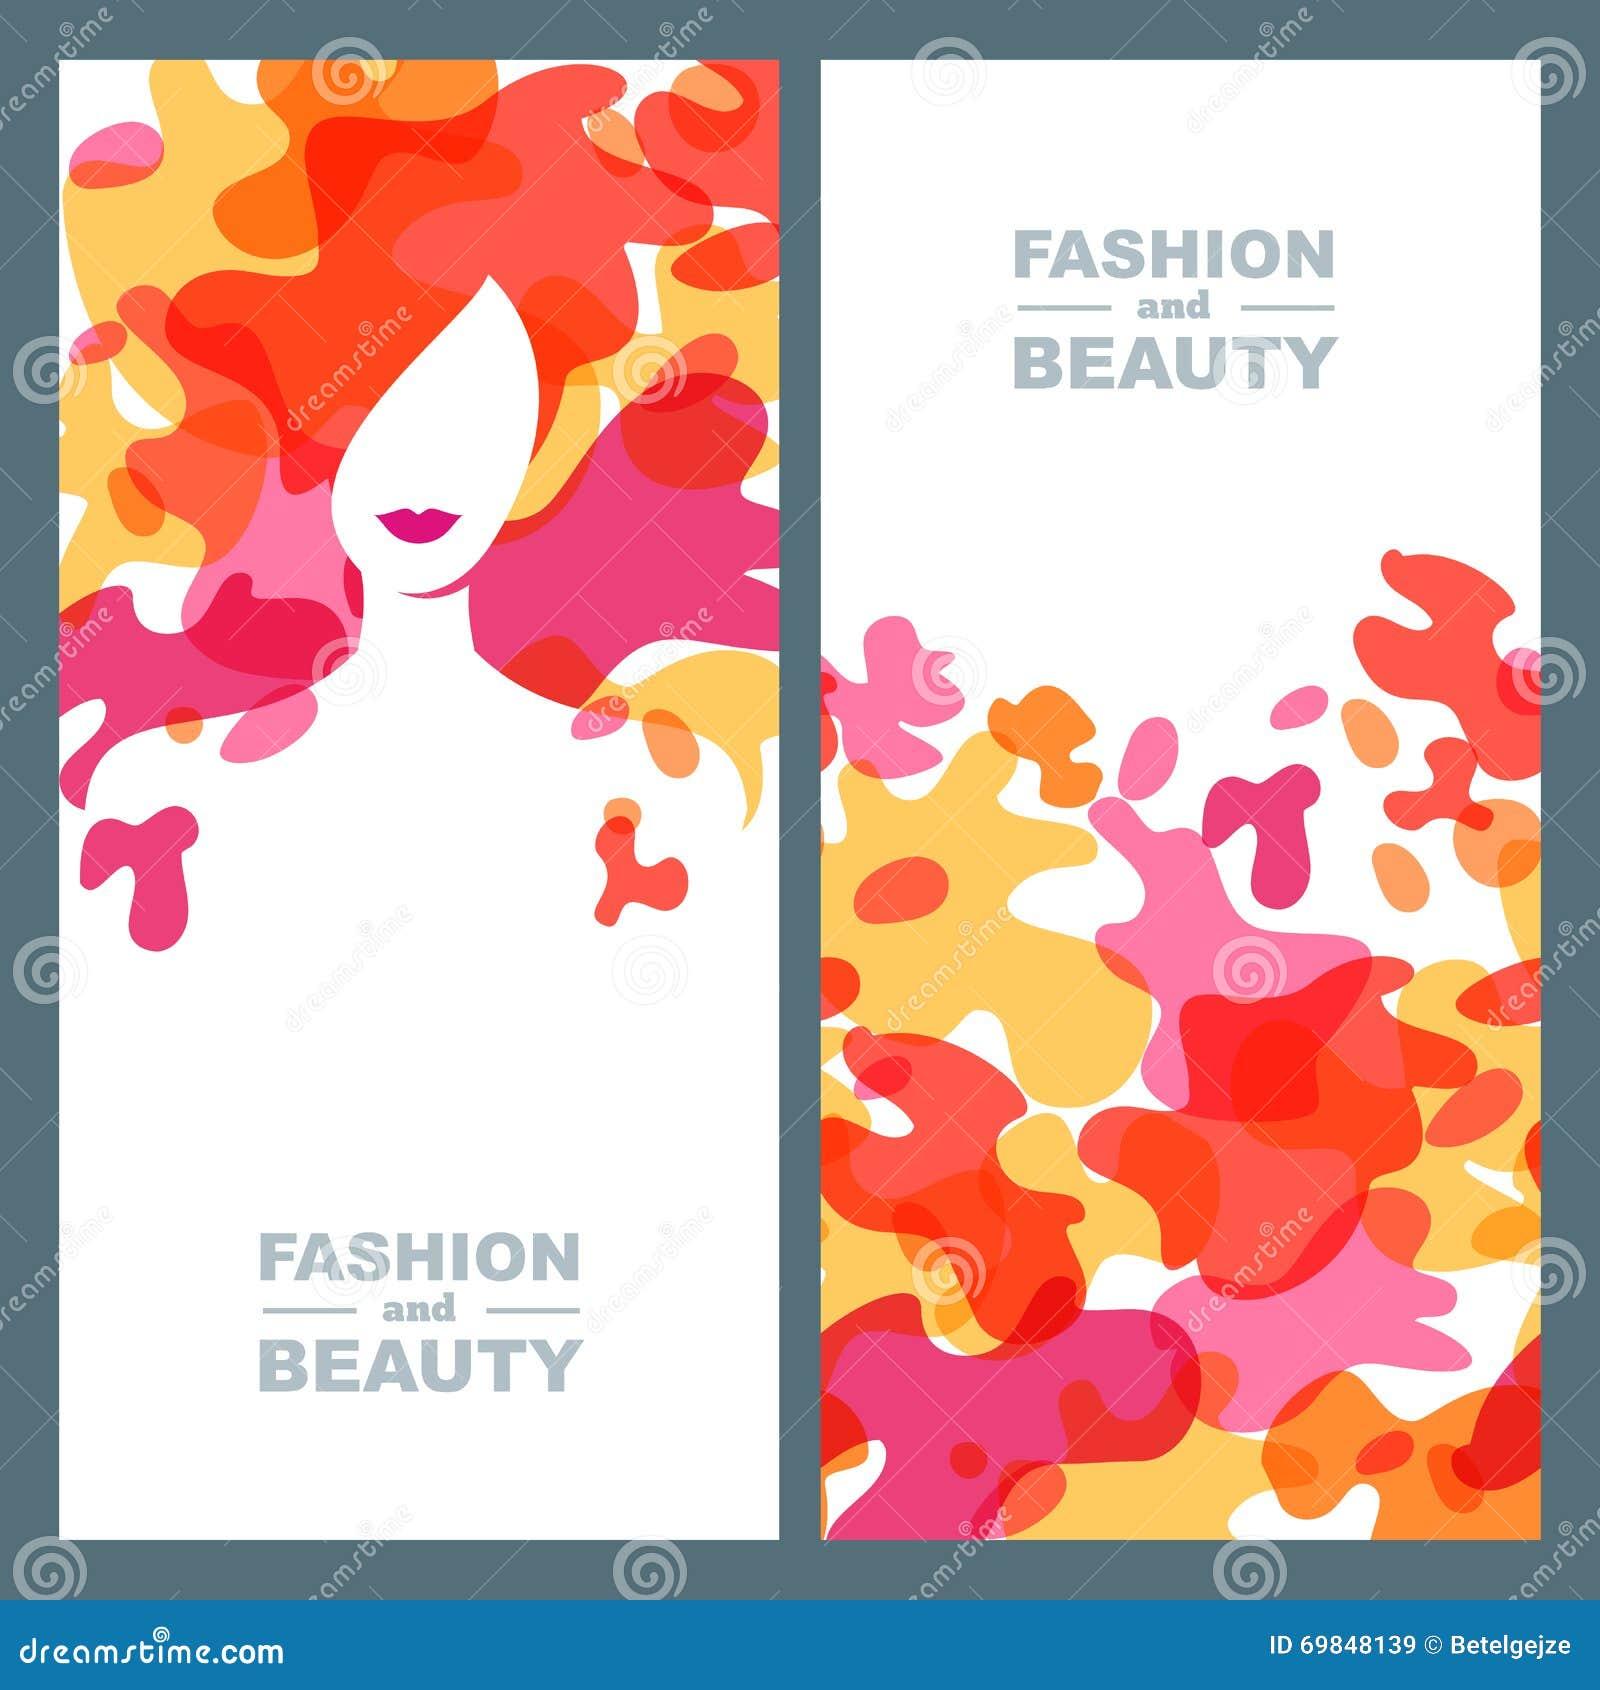 Elements of a poster design - Set Of Vector Label Banner Poster Design Elements